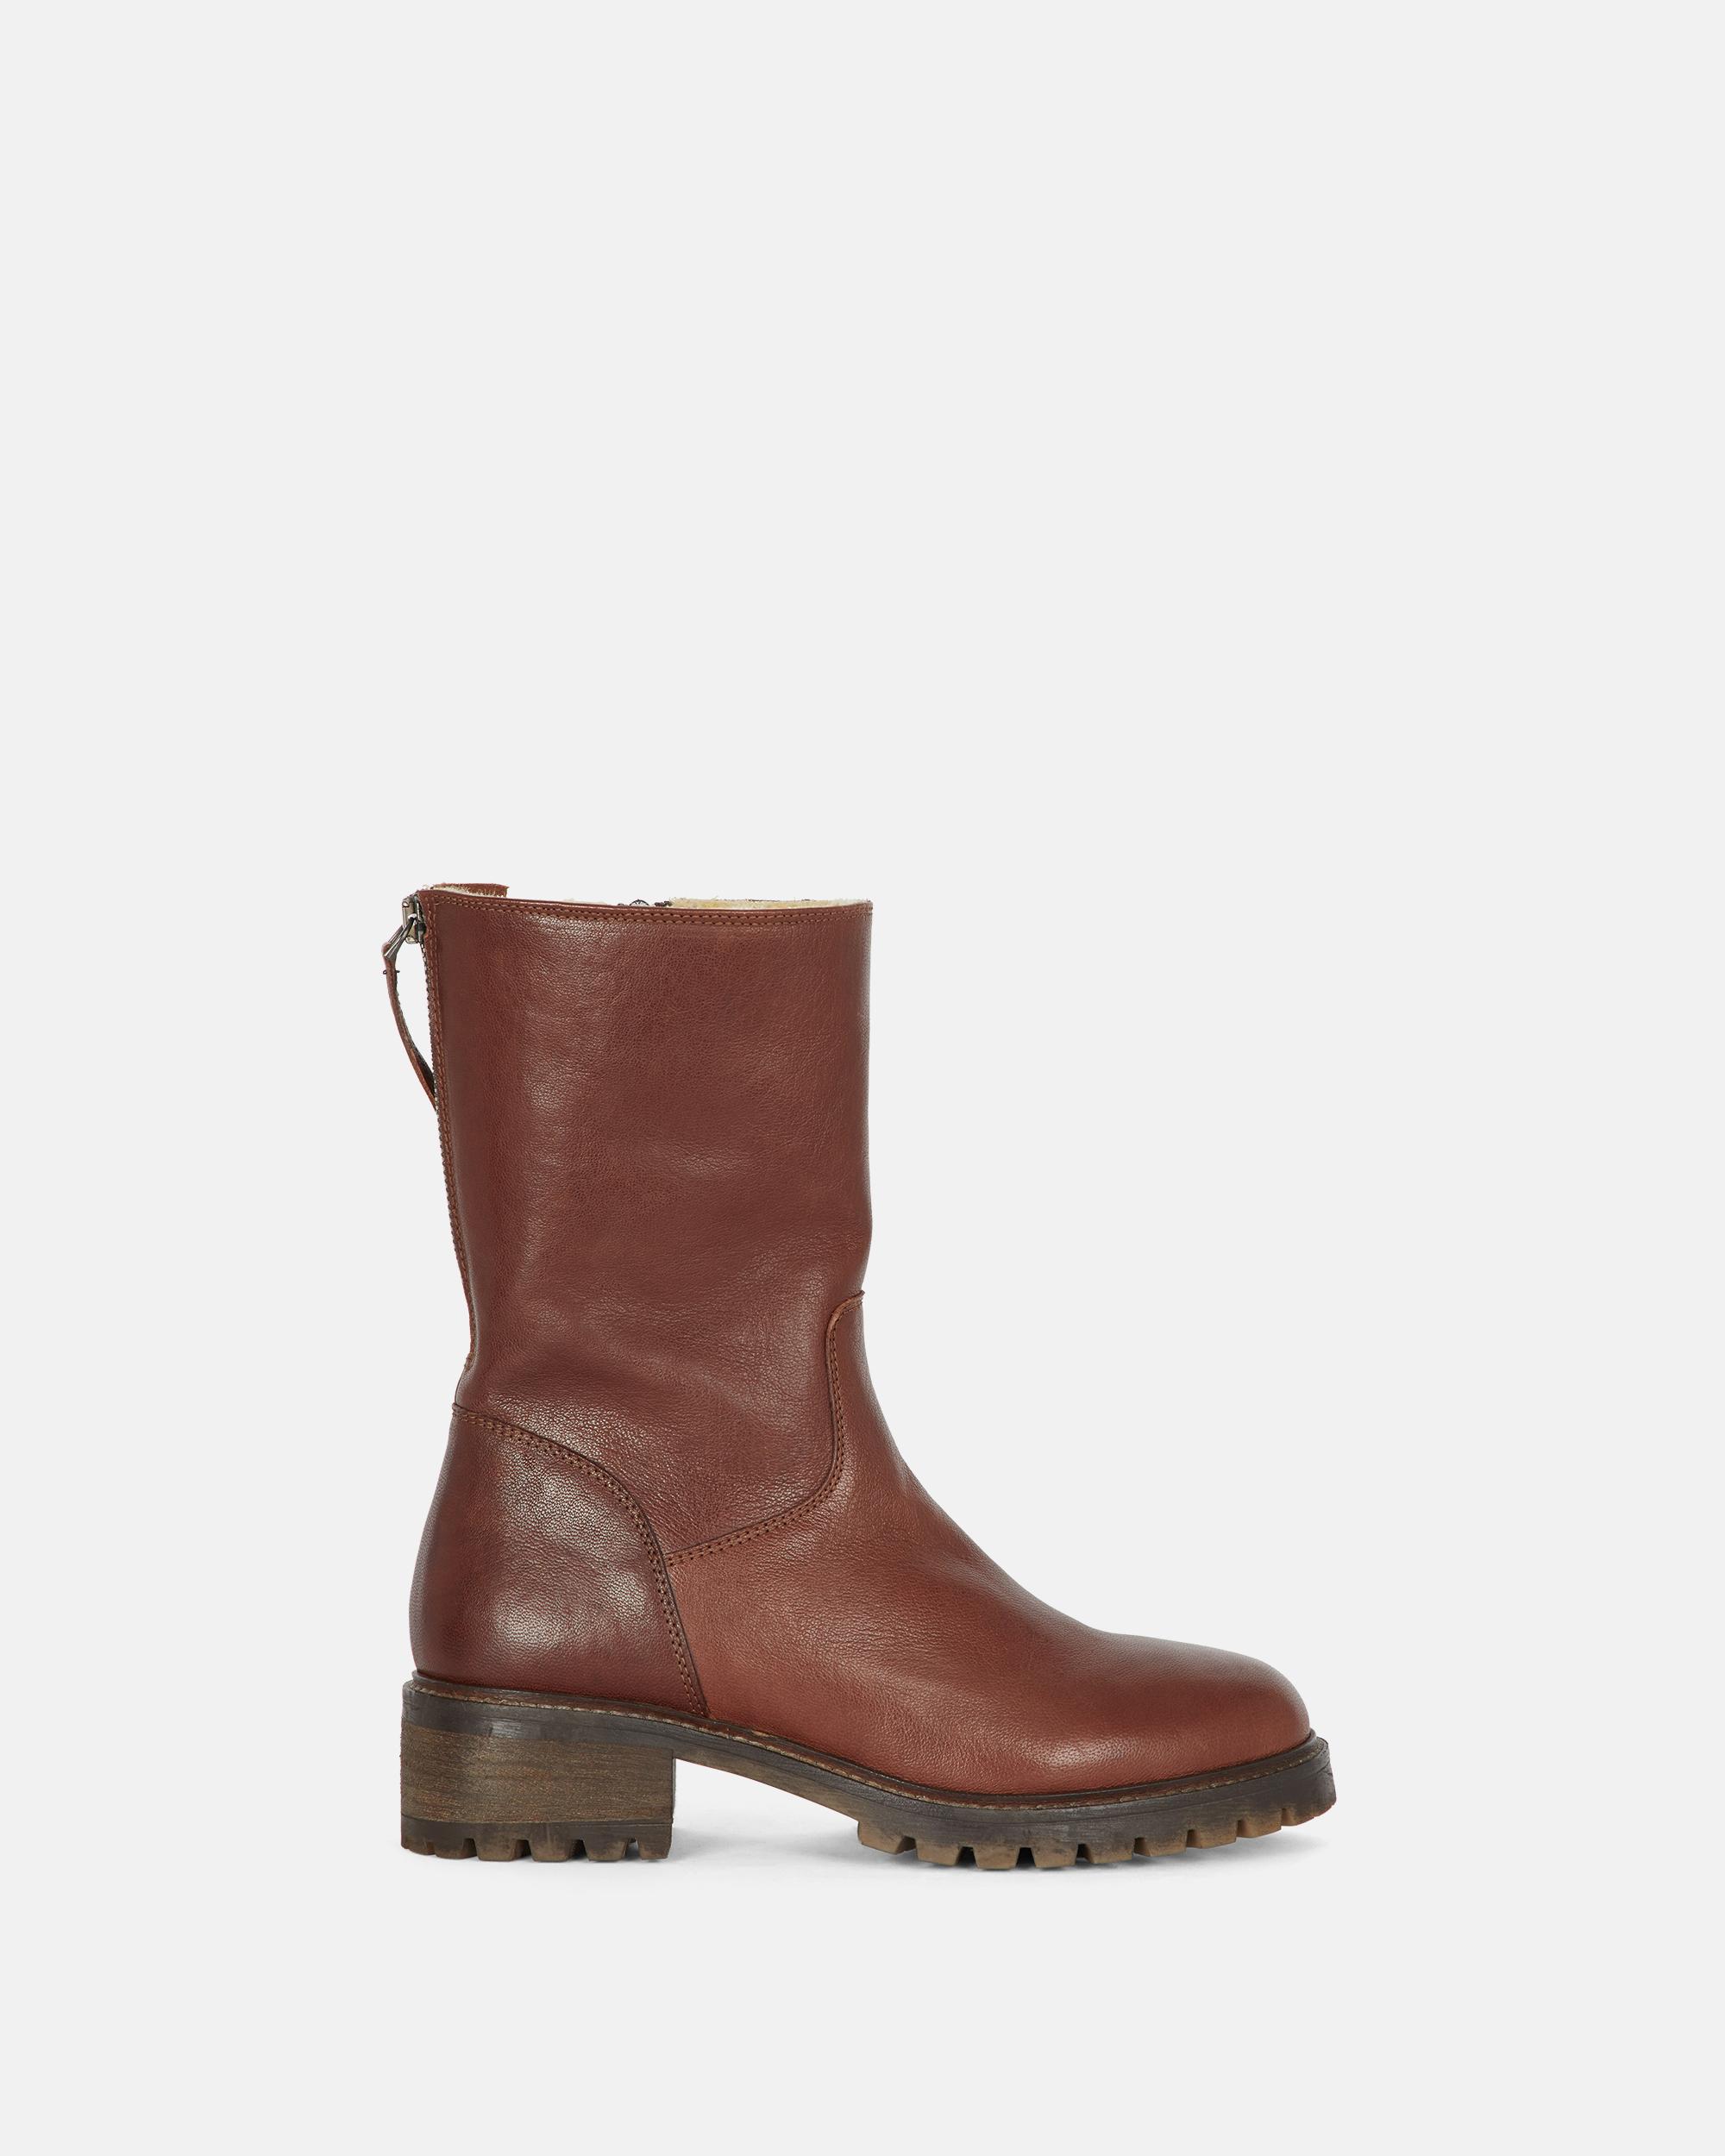 Boots - Bruneta - Minelli - Modalova